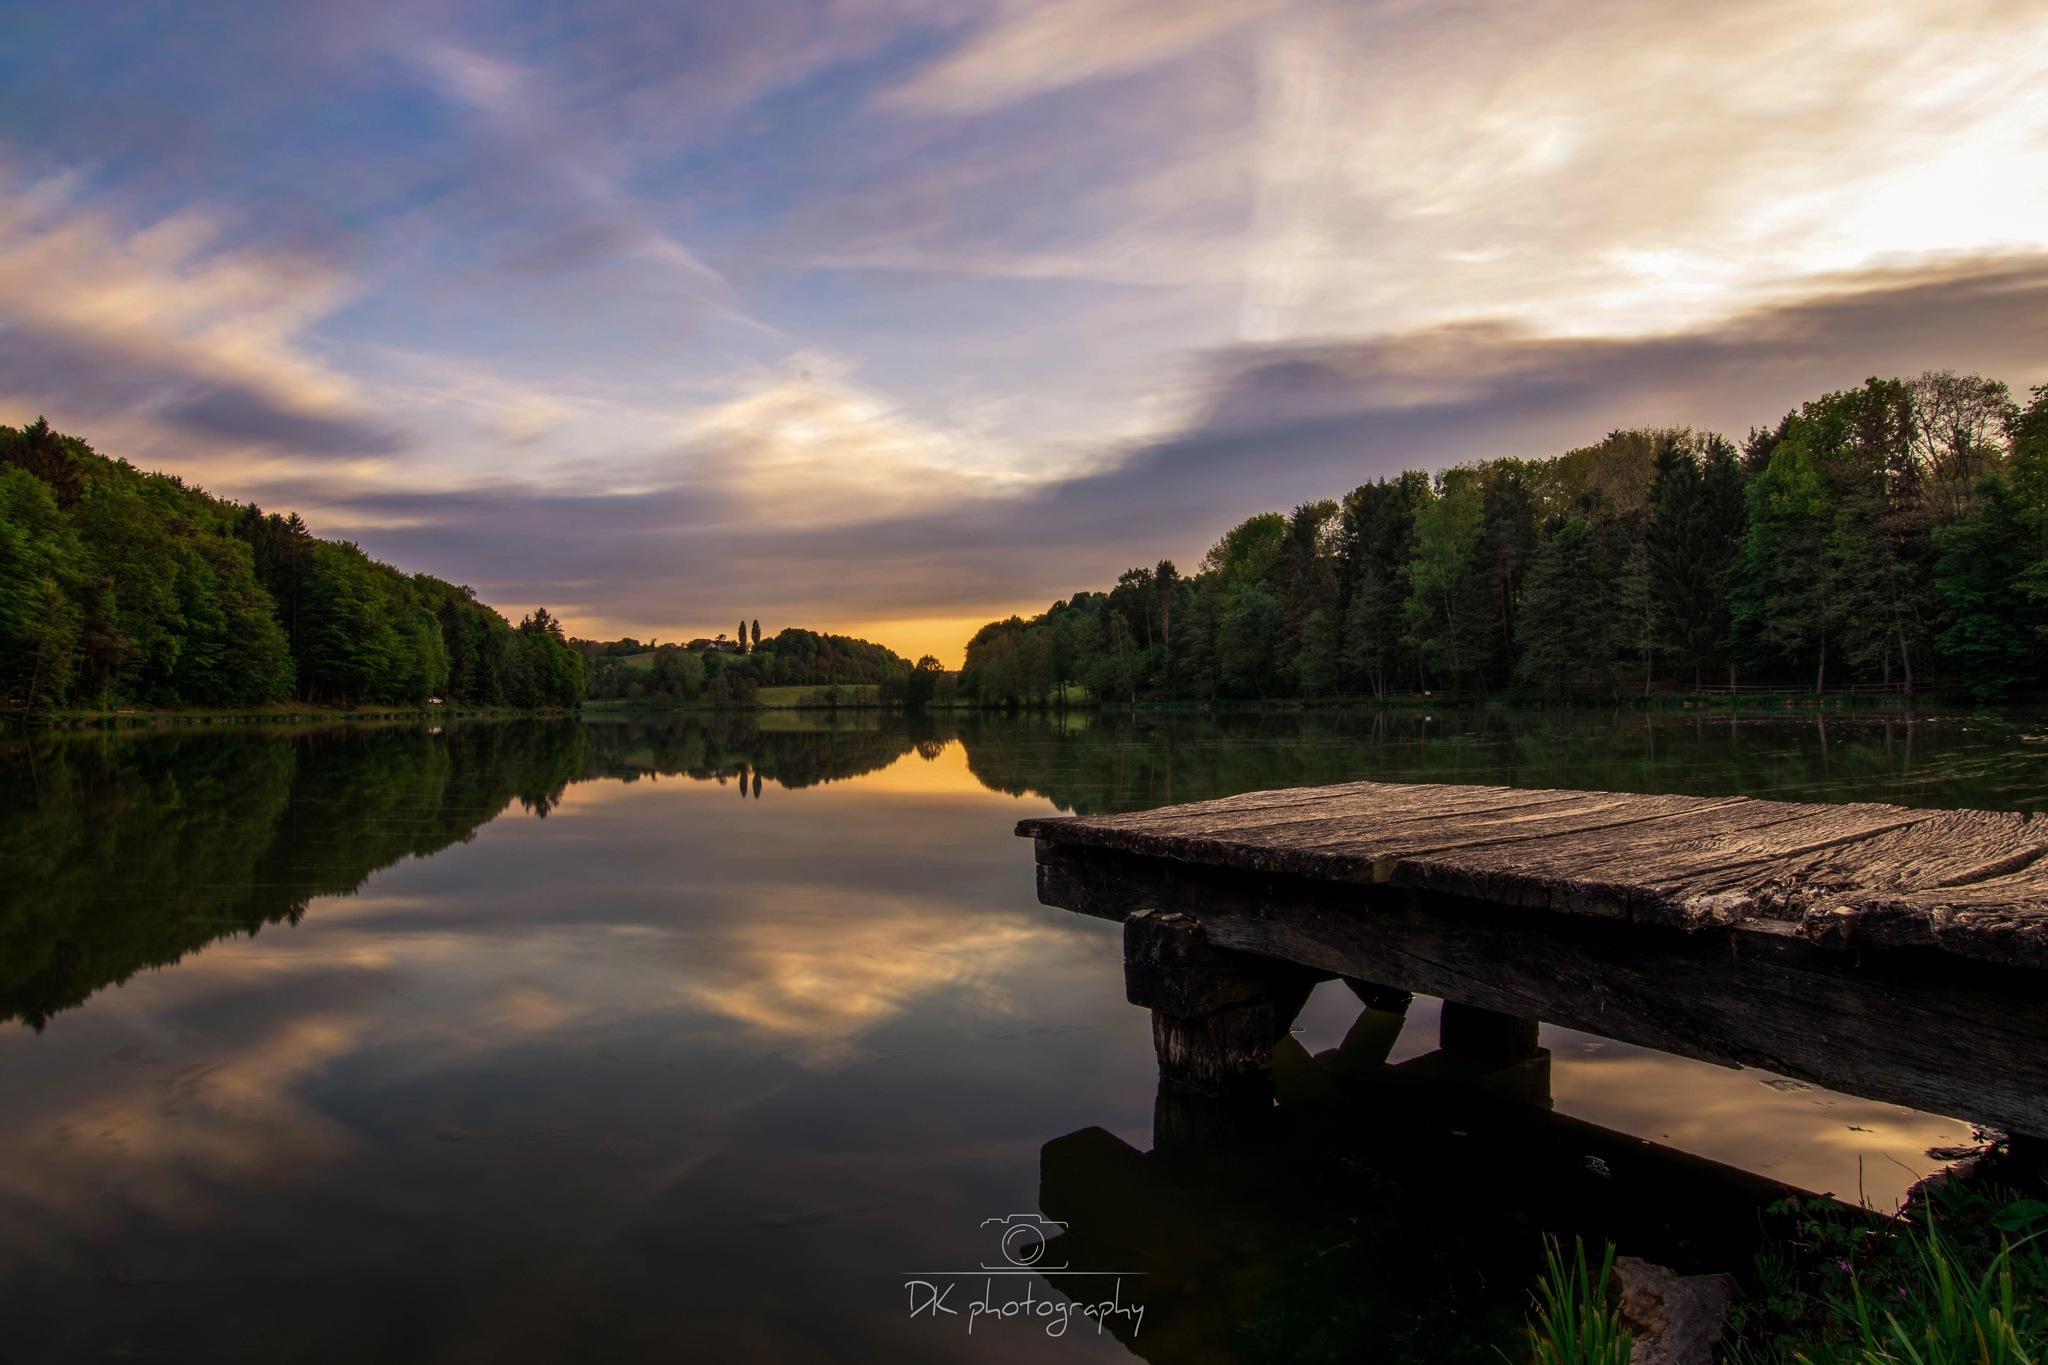 Sunset on Lake  by Darko Golnar